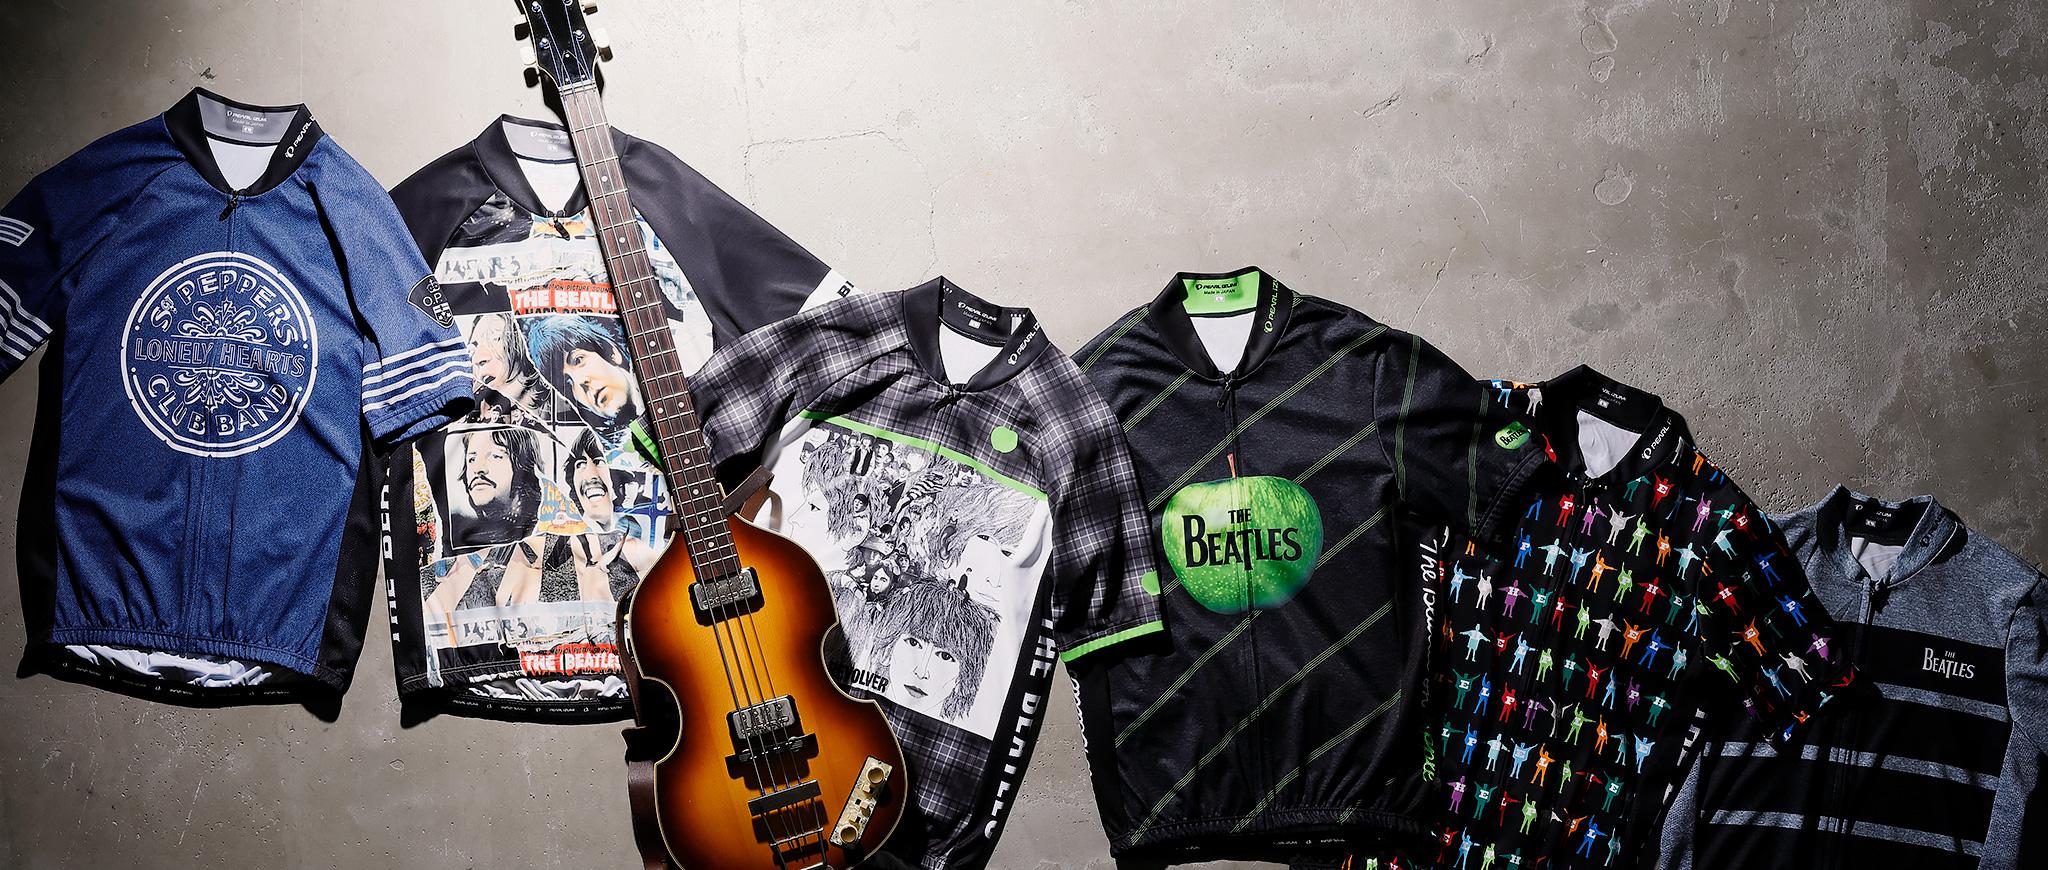 ビートルズ来日50周年記念 プリントサイクルジャージ